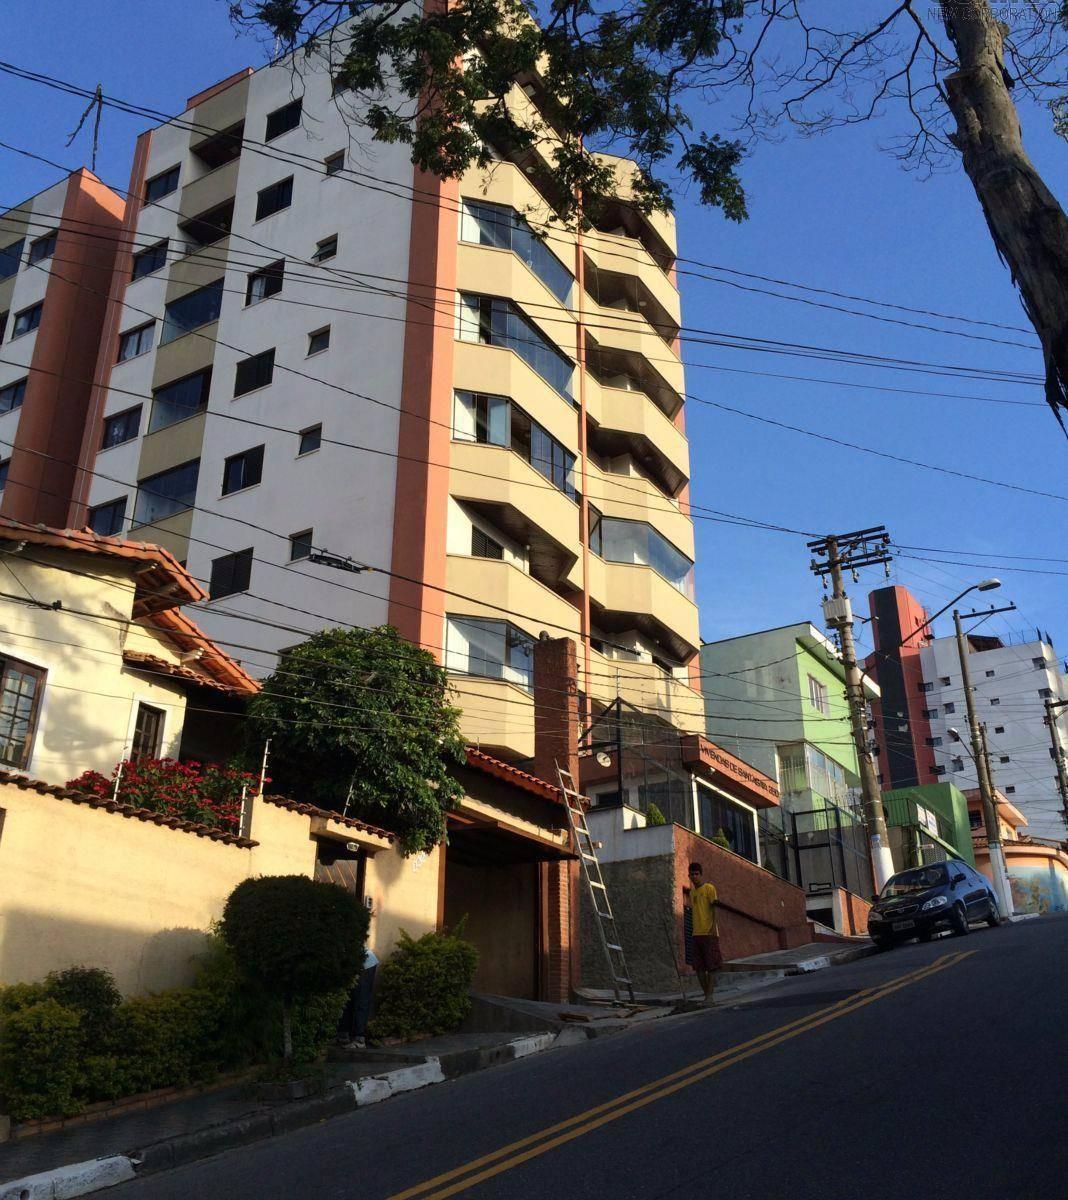 Excelente Localização - 3 dormitórios 1 suíte 2 vagas